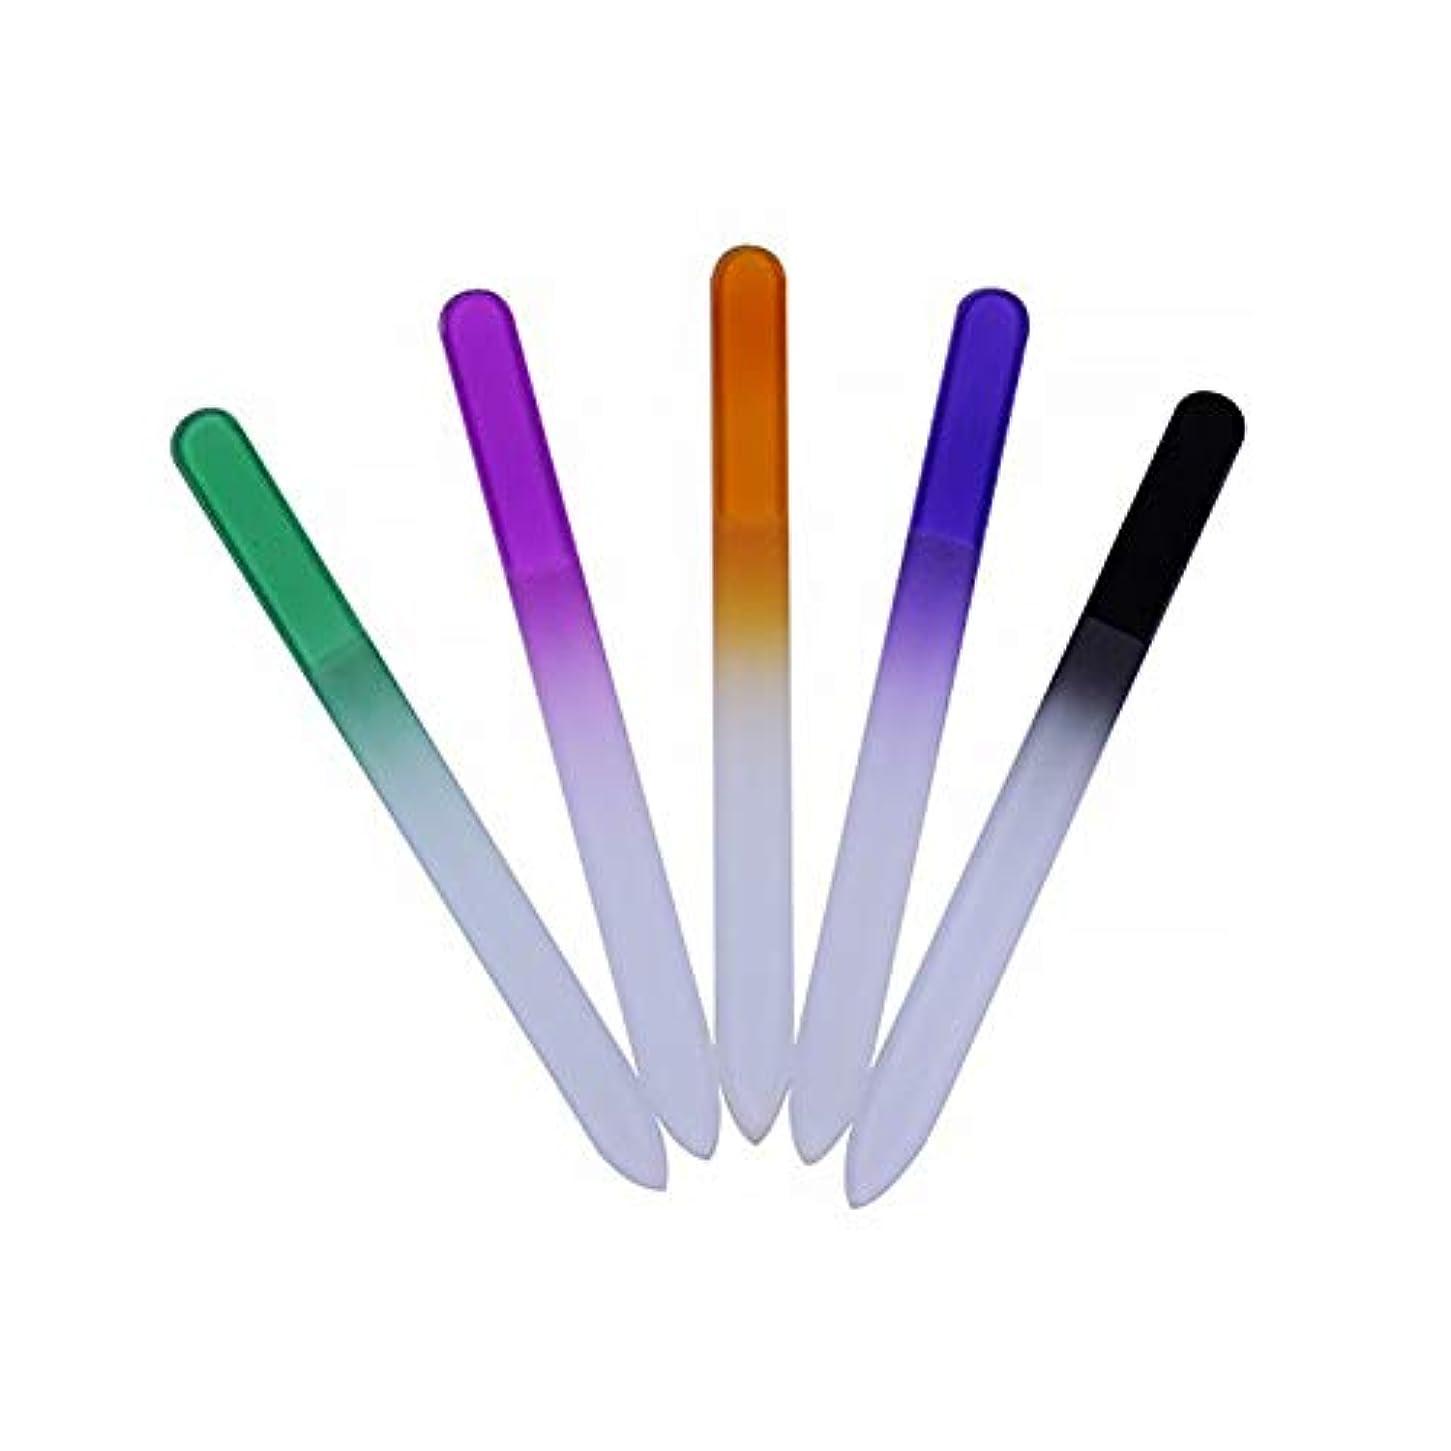 反映する同じシネマSnner 爪やすりガラス製 爪磨き ネイルシャイナー 水洗い可 ネイルを滑らかに 甘皮ケア ネイルケア用品 10個セット